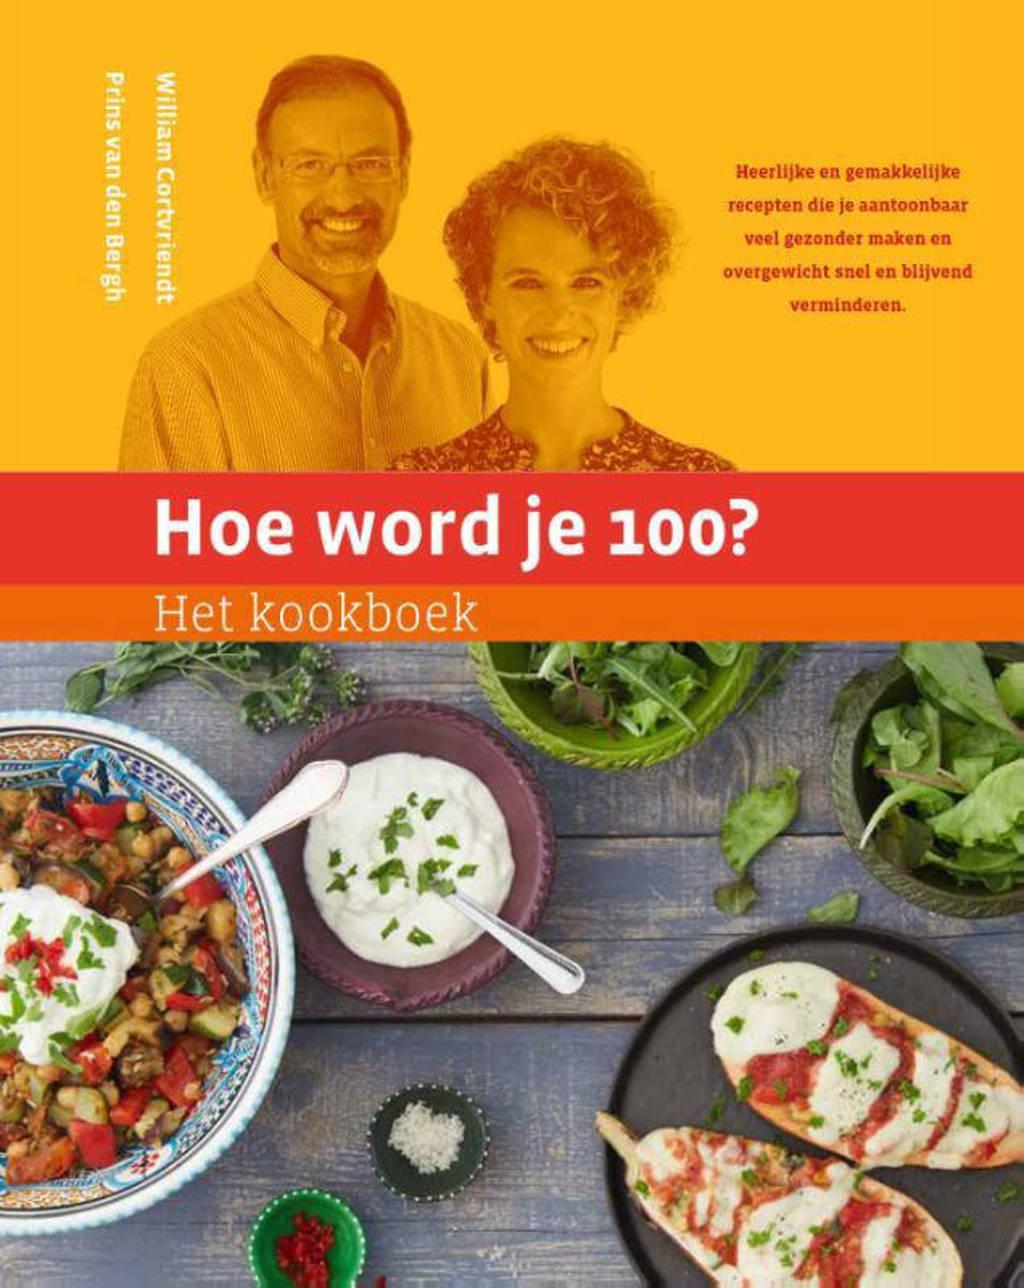 Hoe word je 100?: Het kookboek - William Cortvriendt en Prins van den Bergh